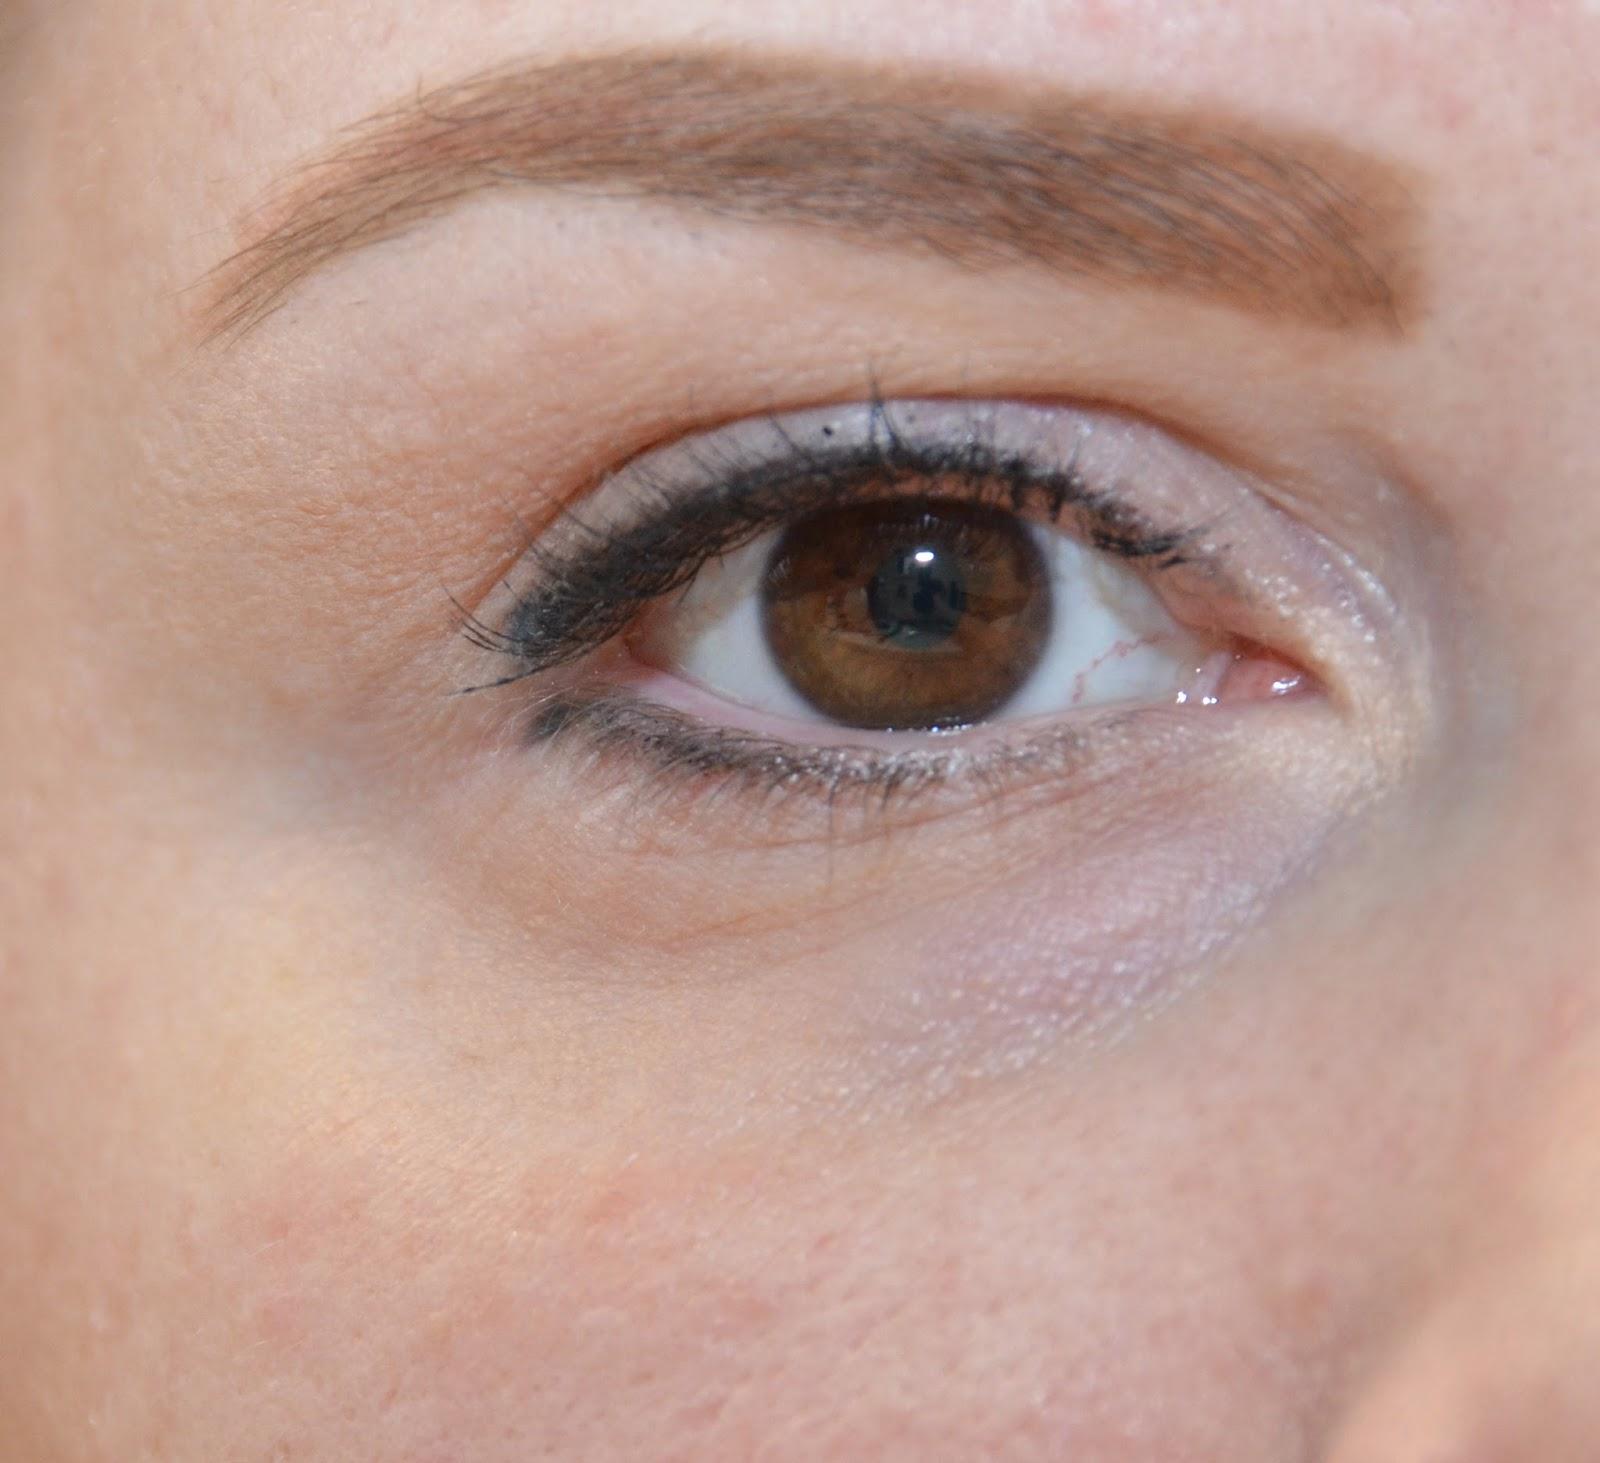 Göz Şişliğinizi Ortadan Kaldıracak Öneriler